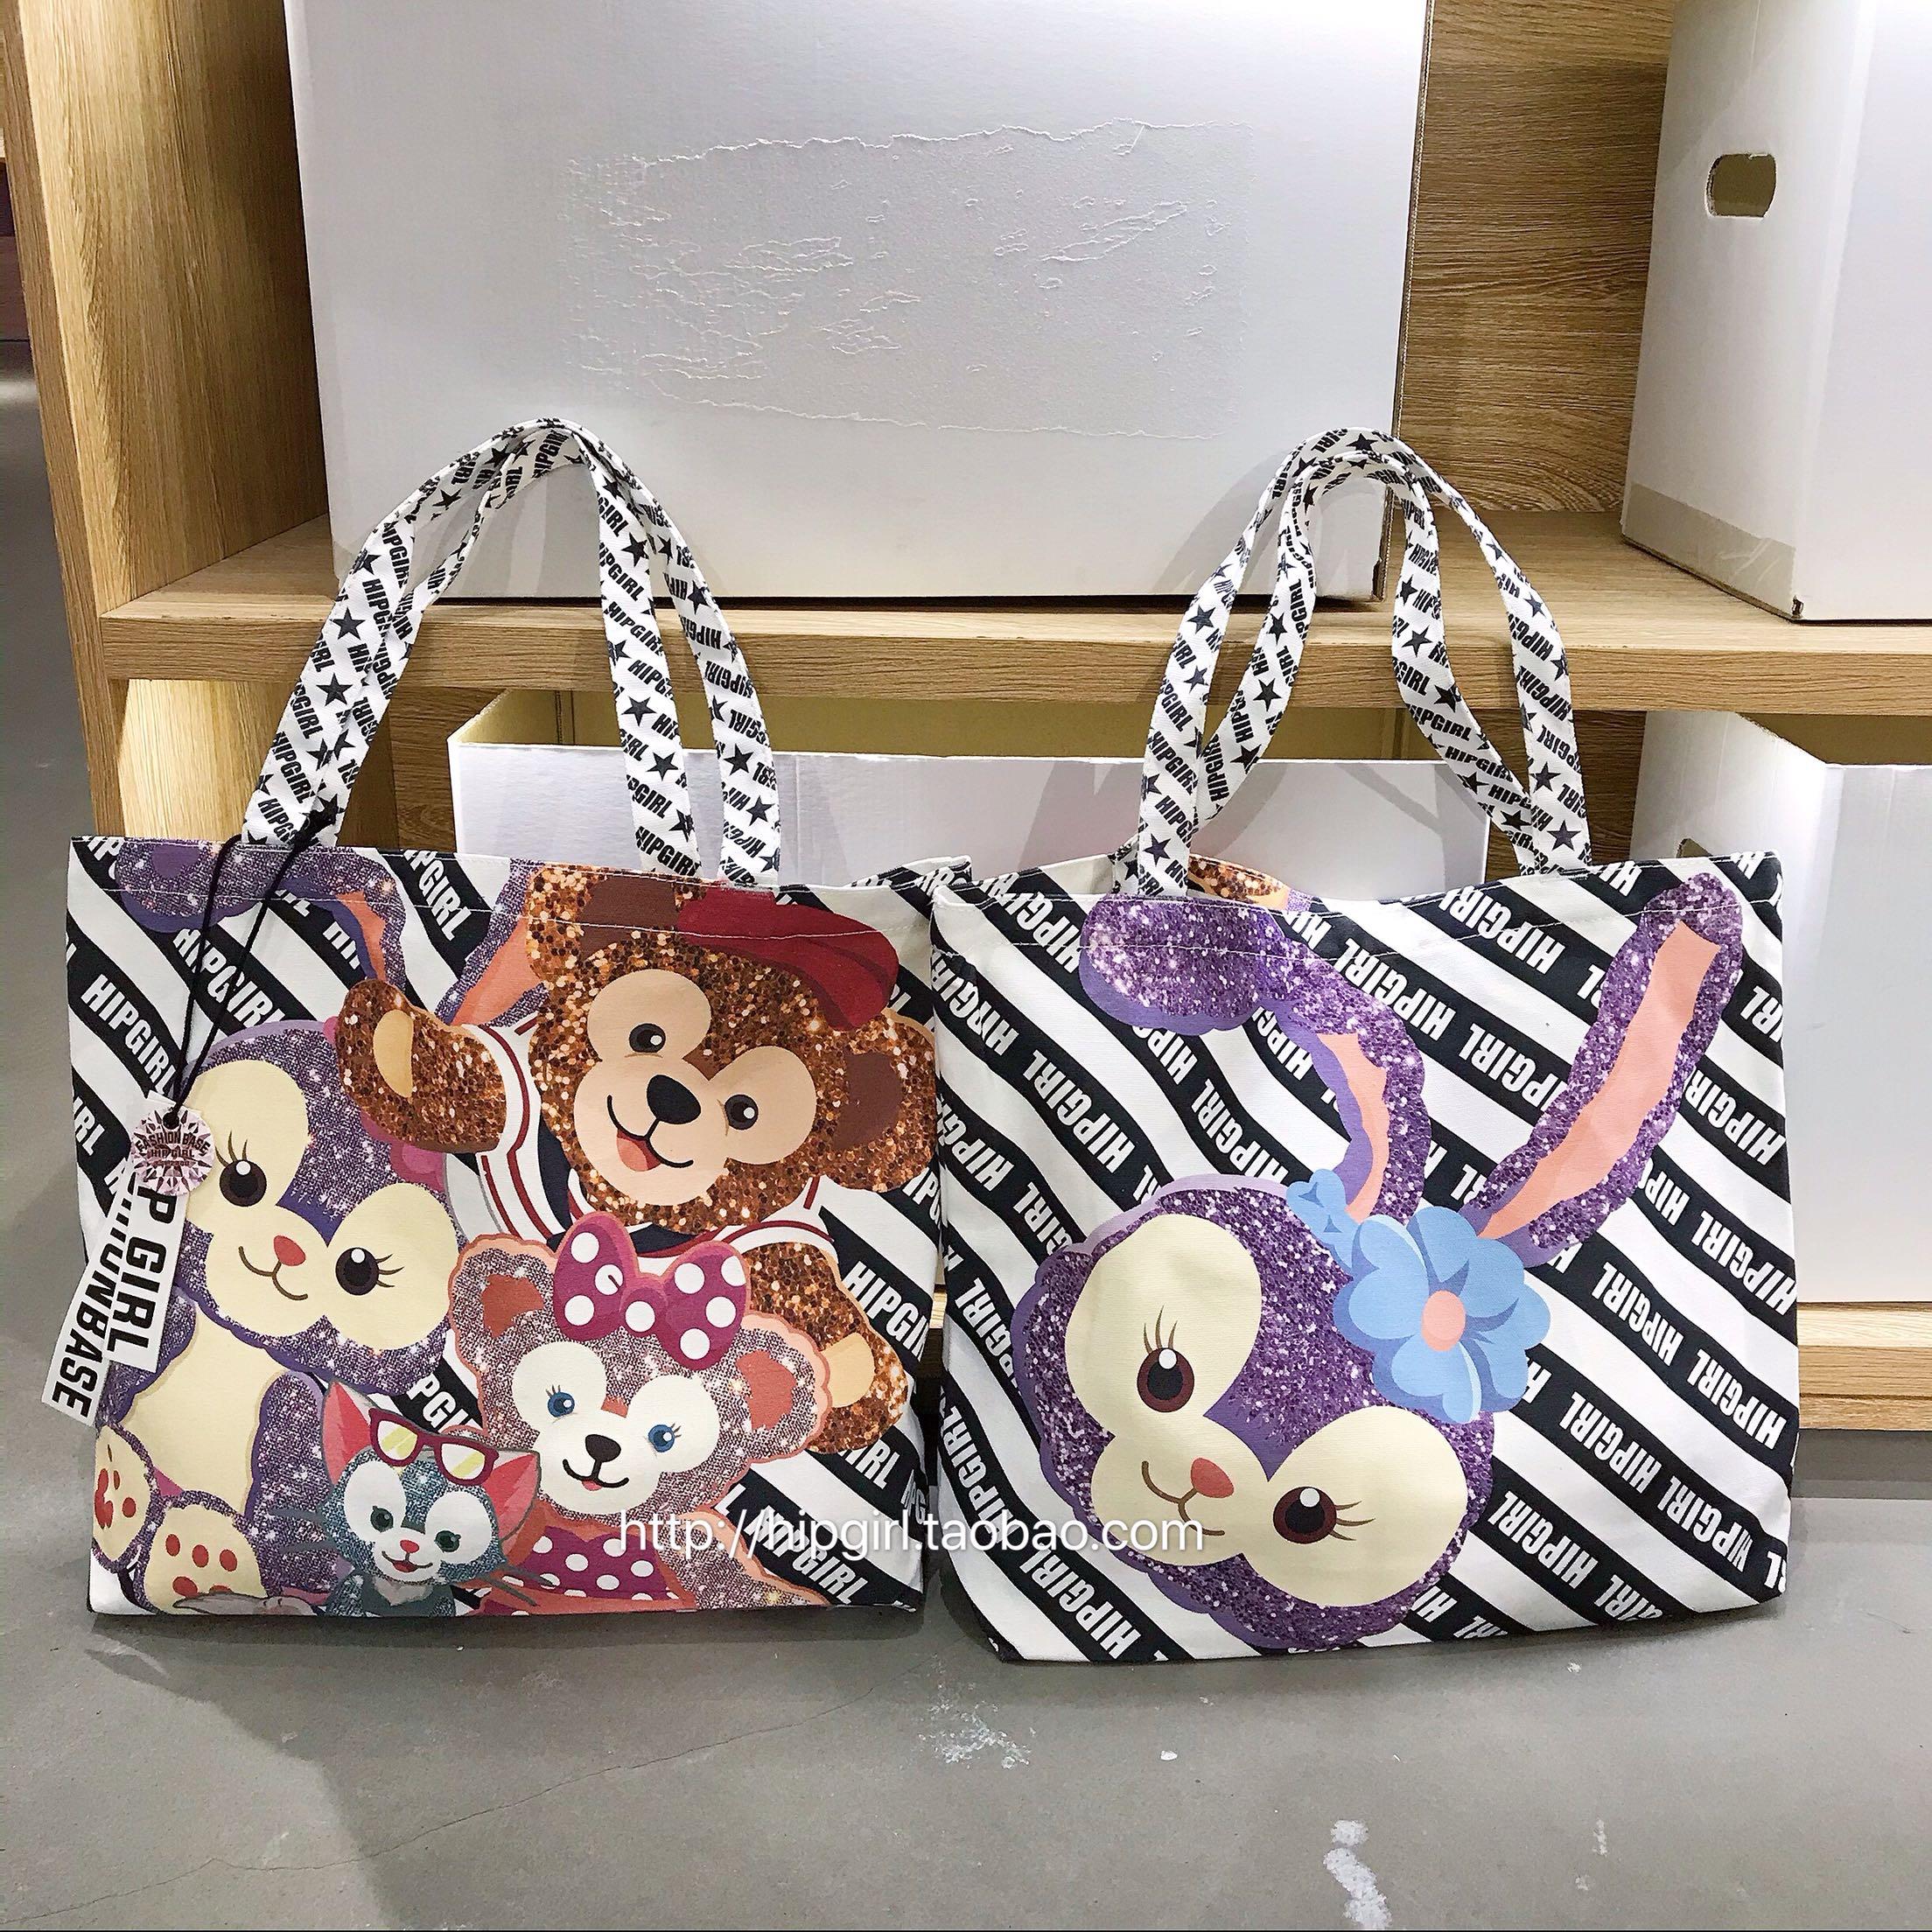 紫色帆布包 HIPGIRL单肩帆布包潮紫色兔子可爱卡通原创百搭时尚大容量有拉链_推荐淘宝好看的紫色帆布包